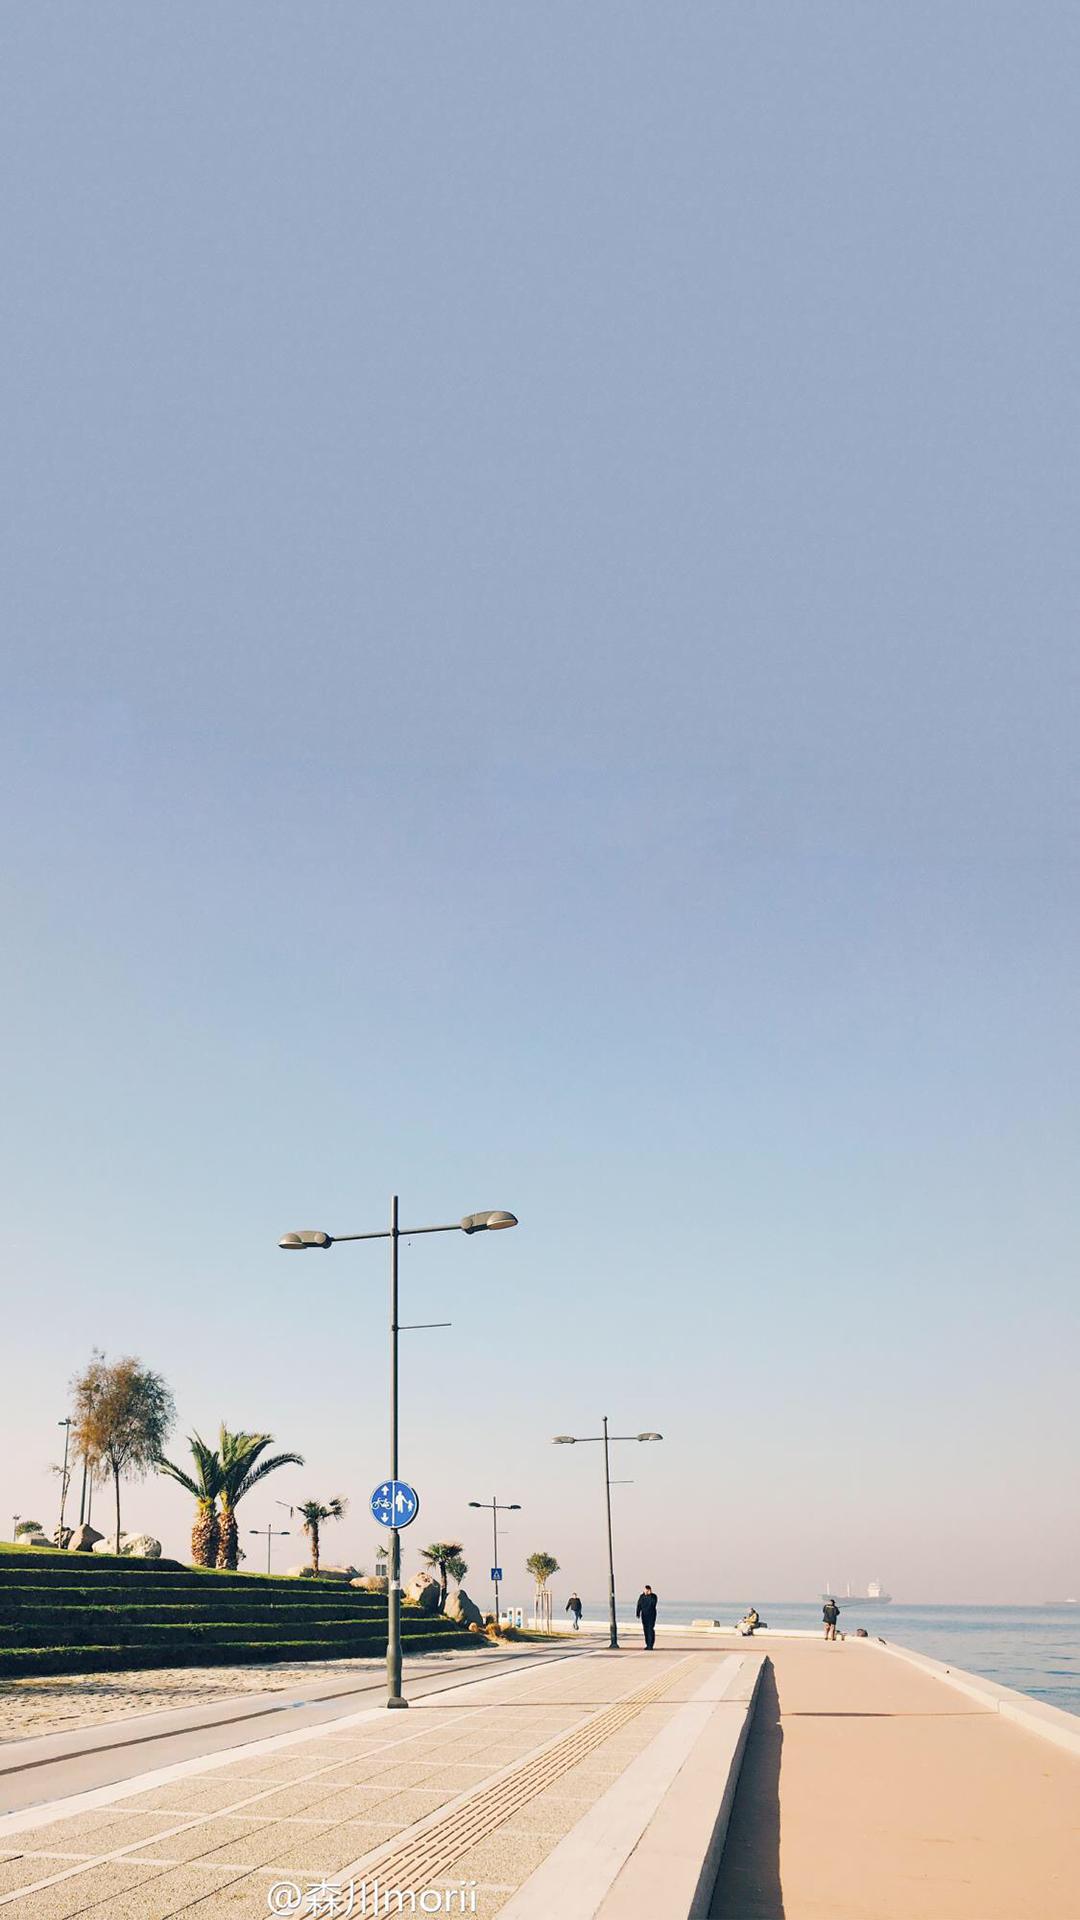 小清新海边风景无水印图片手机壁纸